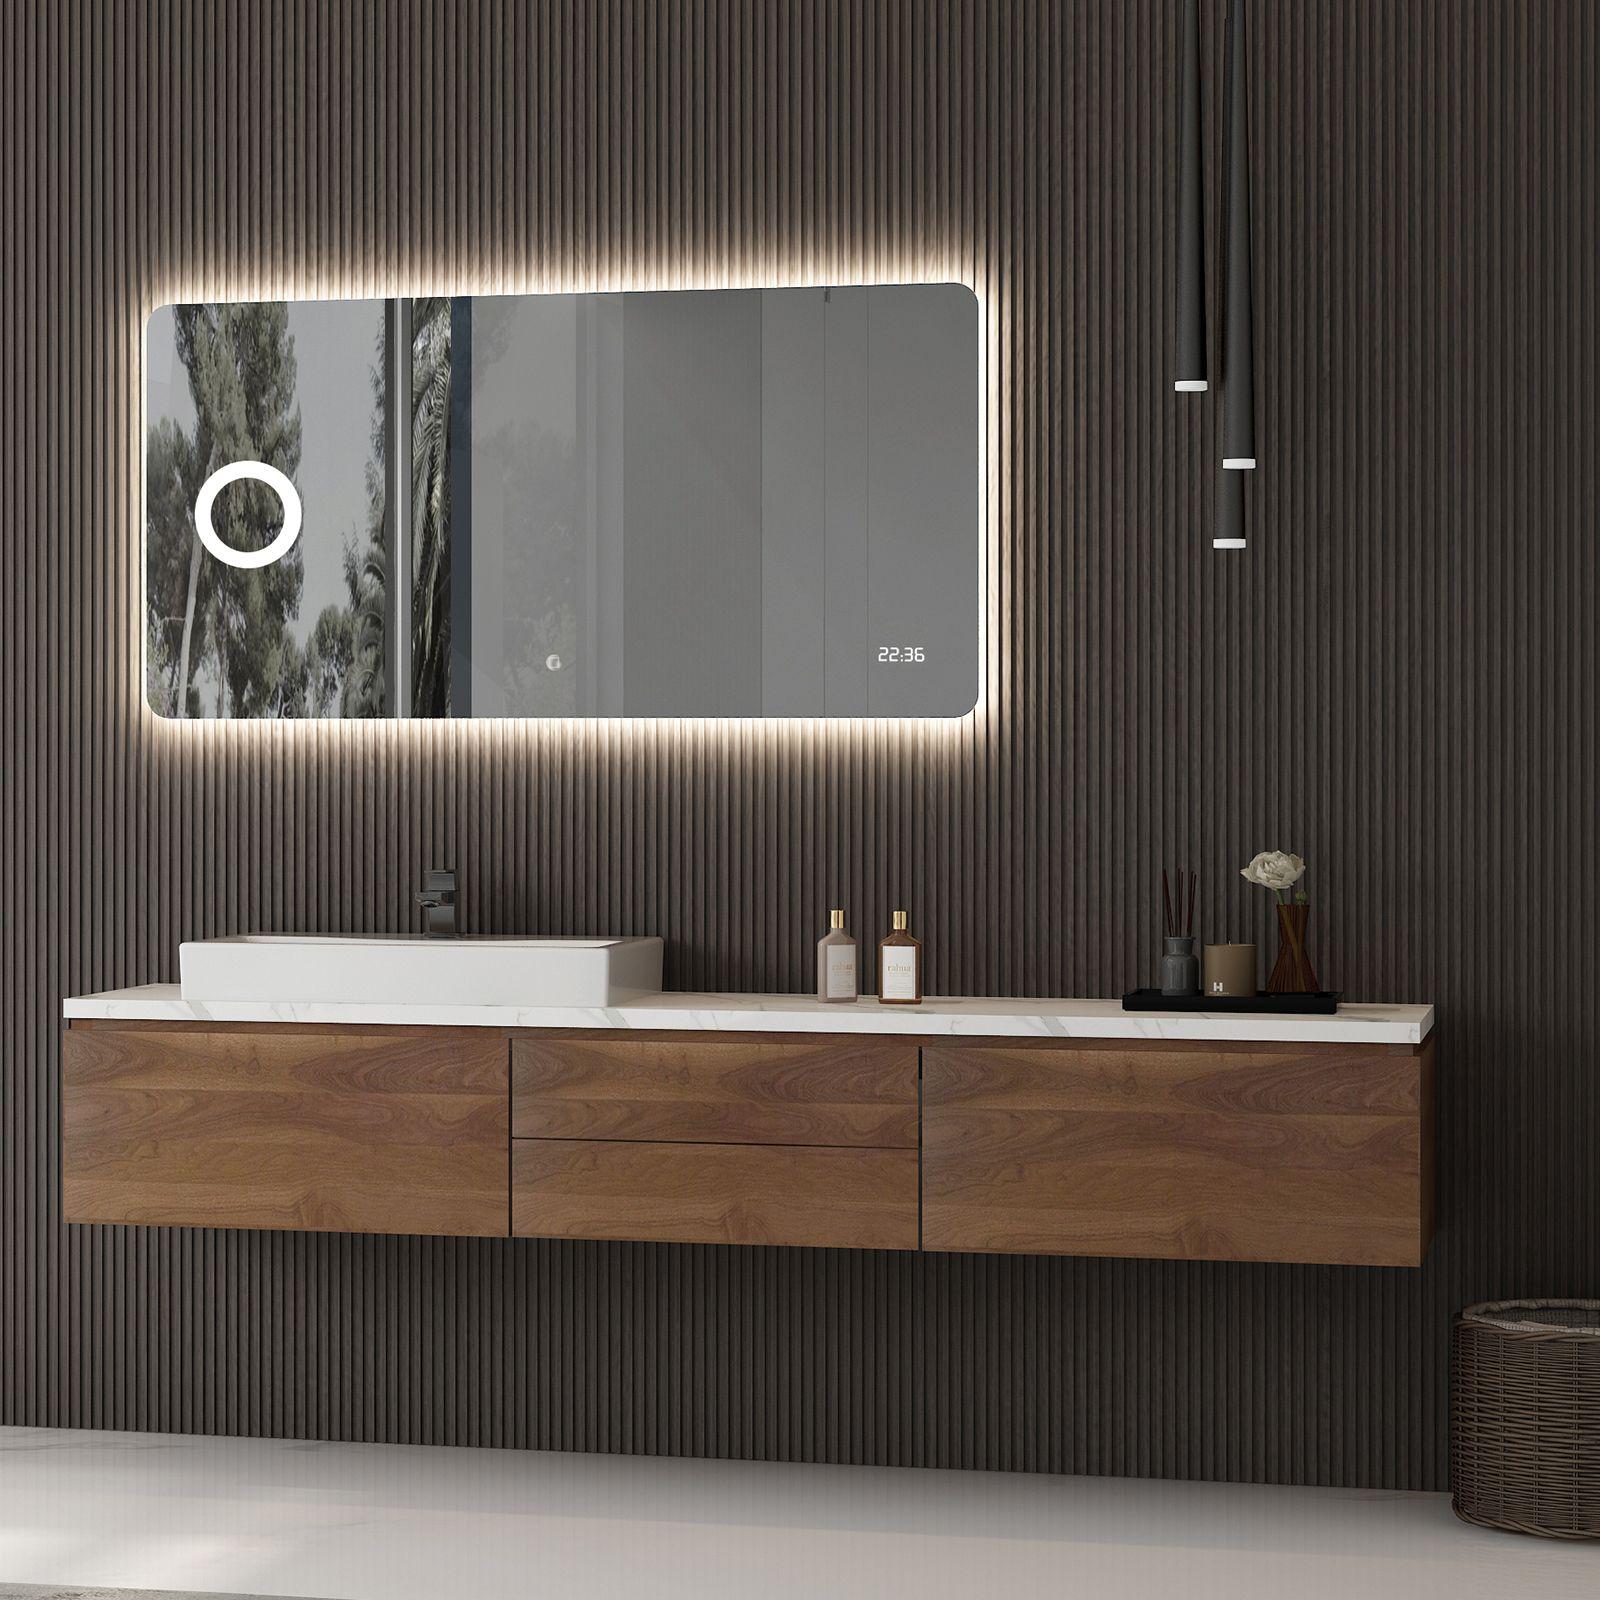 Led Lichtspiegel Badspiegel 2436 Mit Spiegelheizung Kosmetikspiegel Digitaluhr Breite Wahlbar Badewelt Badspi In 2020 Spiegelheizung Badspiegel Spiegelschrank Led